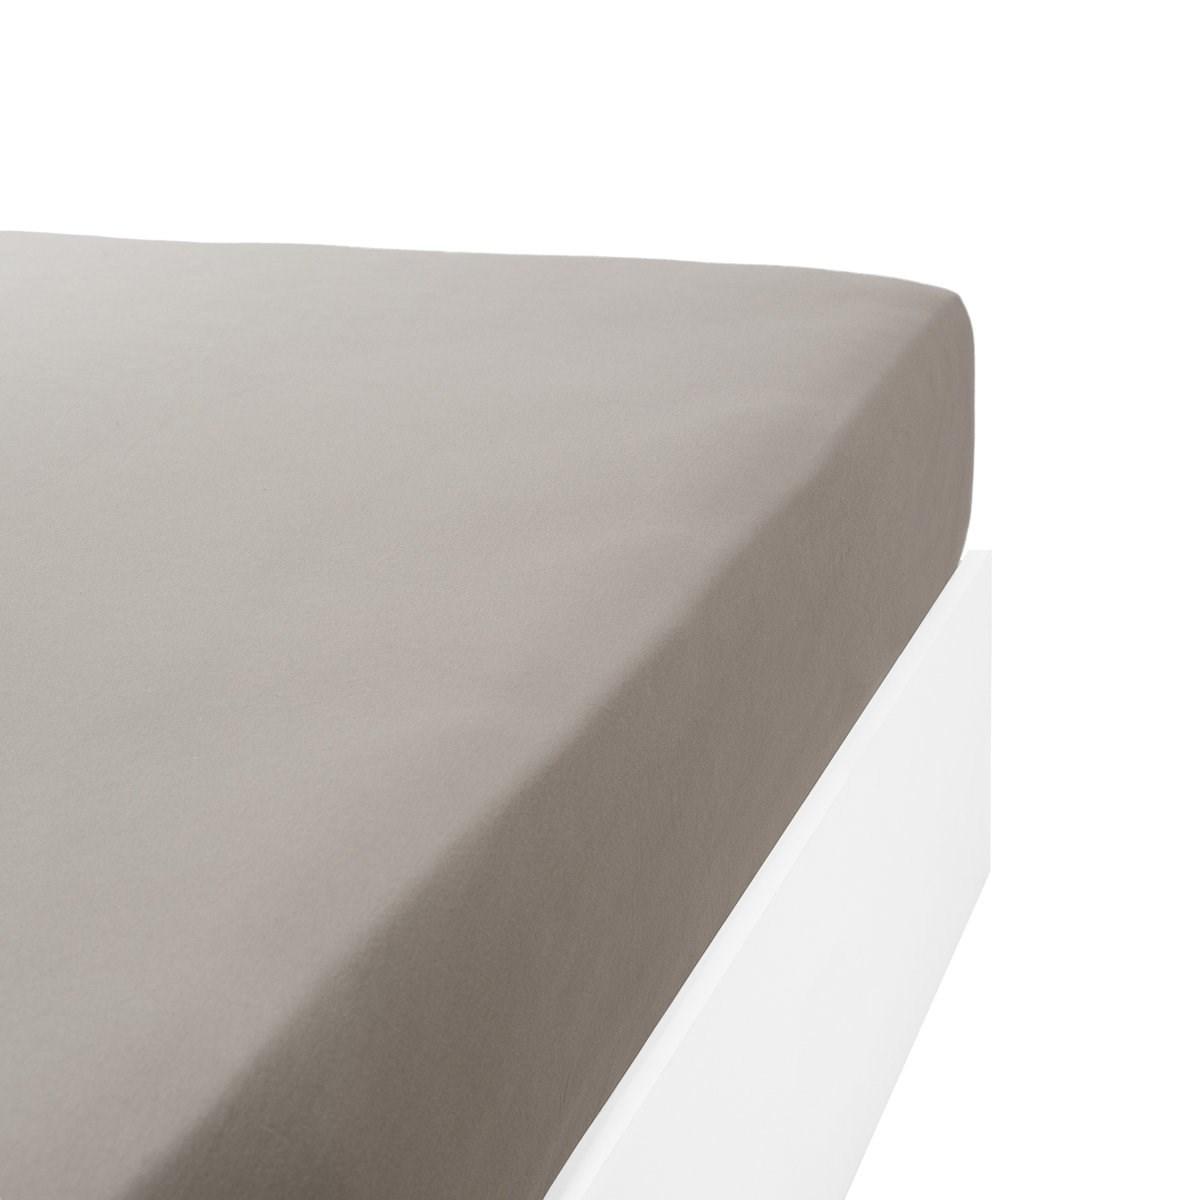 Drap housse jersey extensible lit double en coton gris 90x200 cm